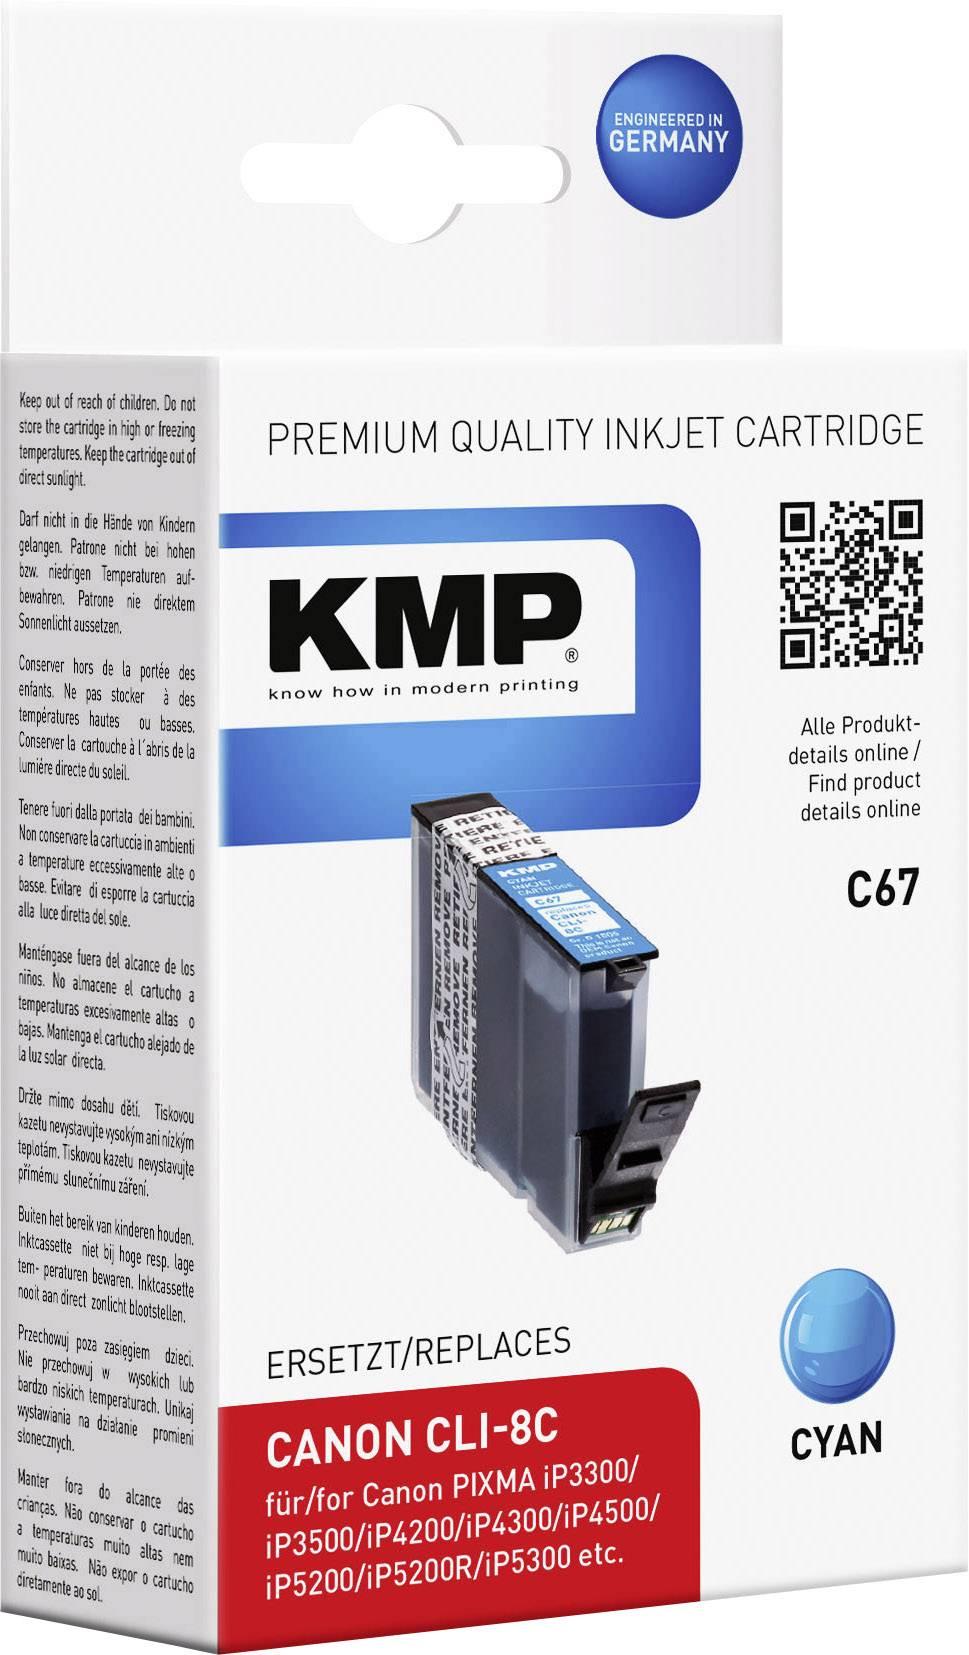 Kompatibilná náplň do tlačiarne KMP C67 1505,0003, zelenomodrá